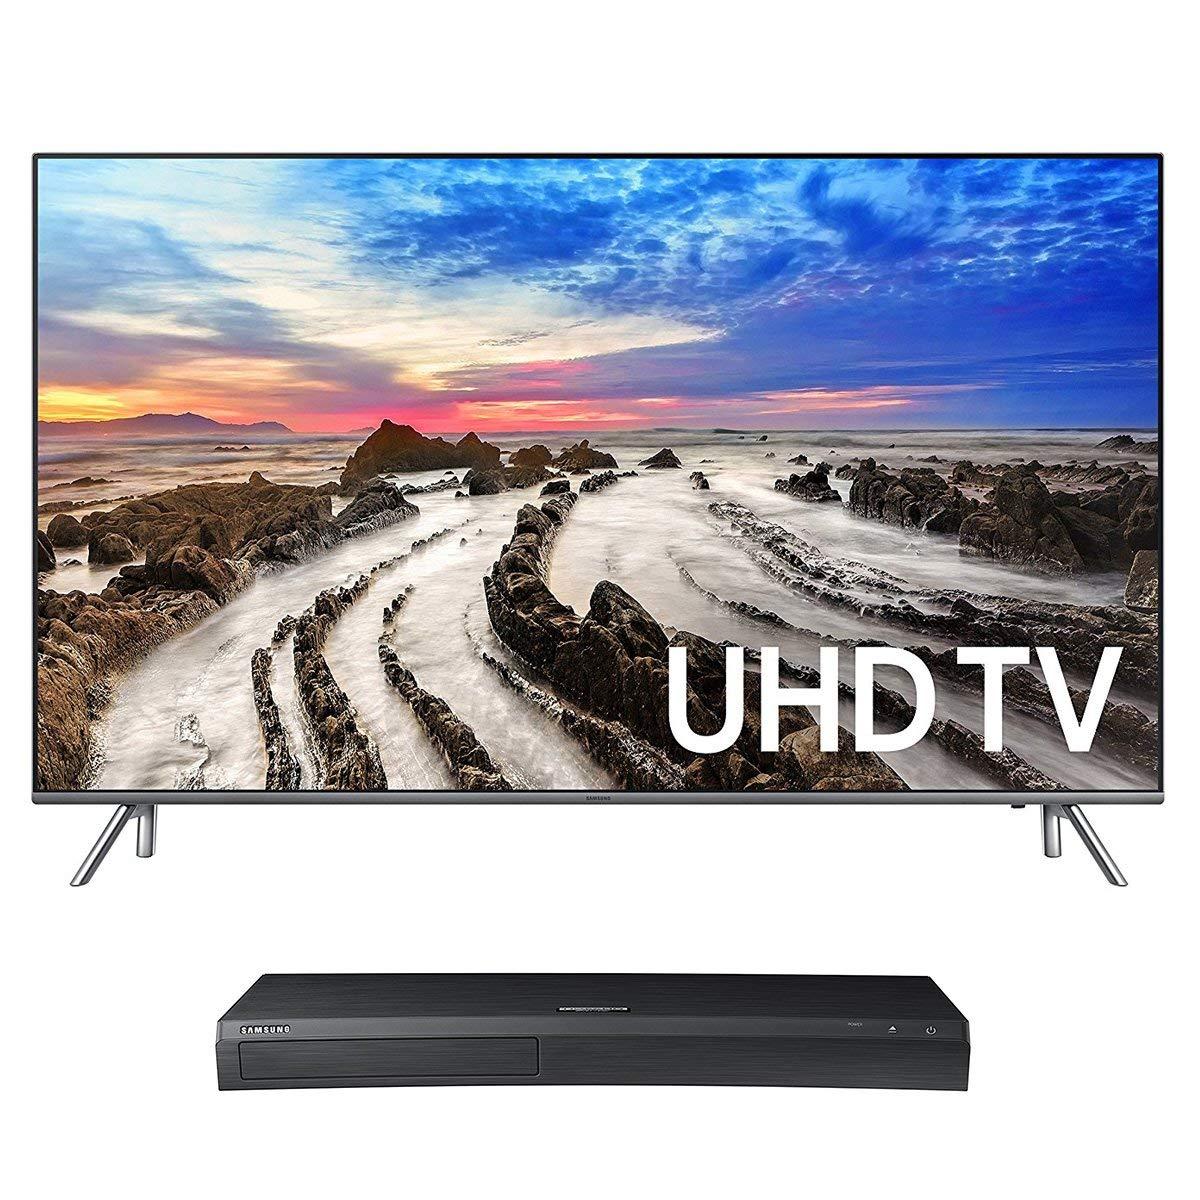 An image of Samsung UN75MU8000 75-Inch HDR 4K TV